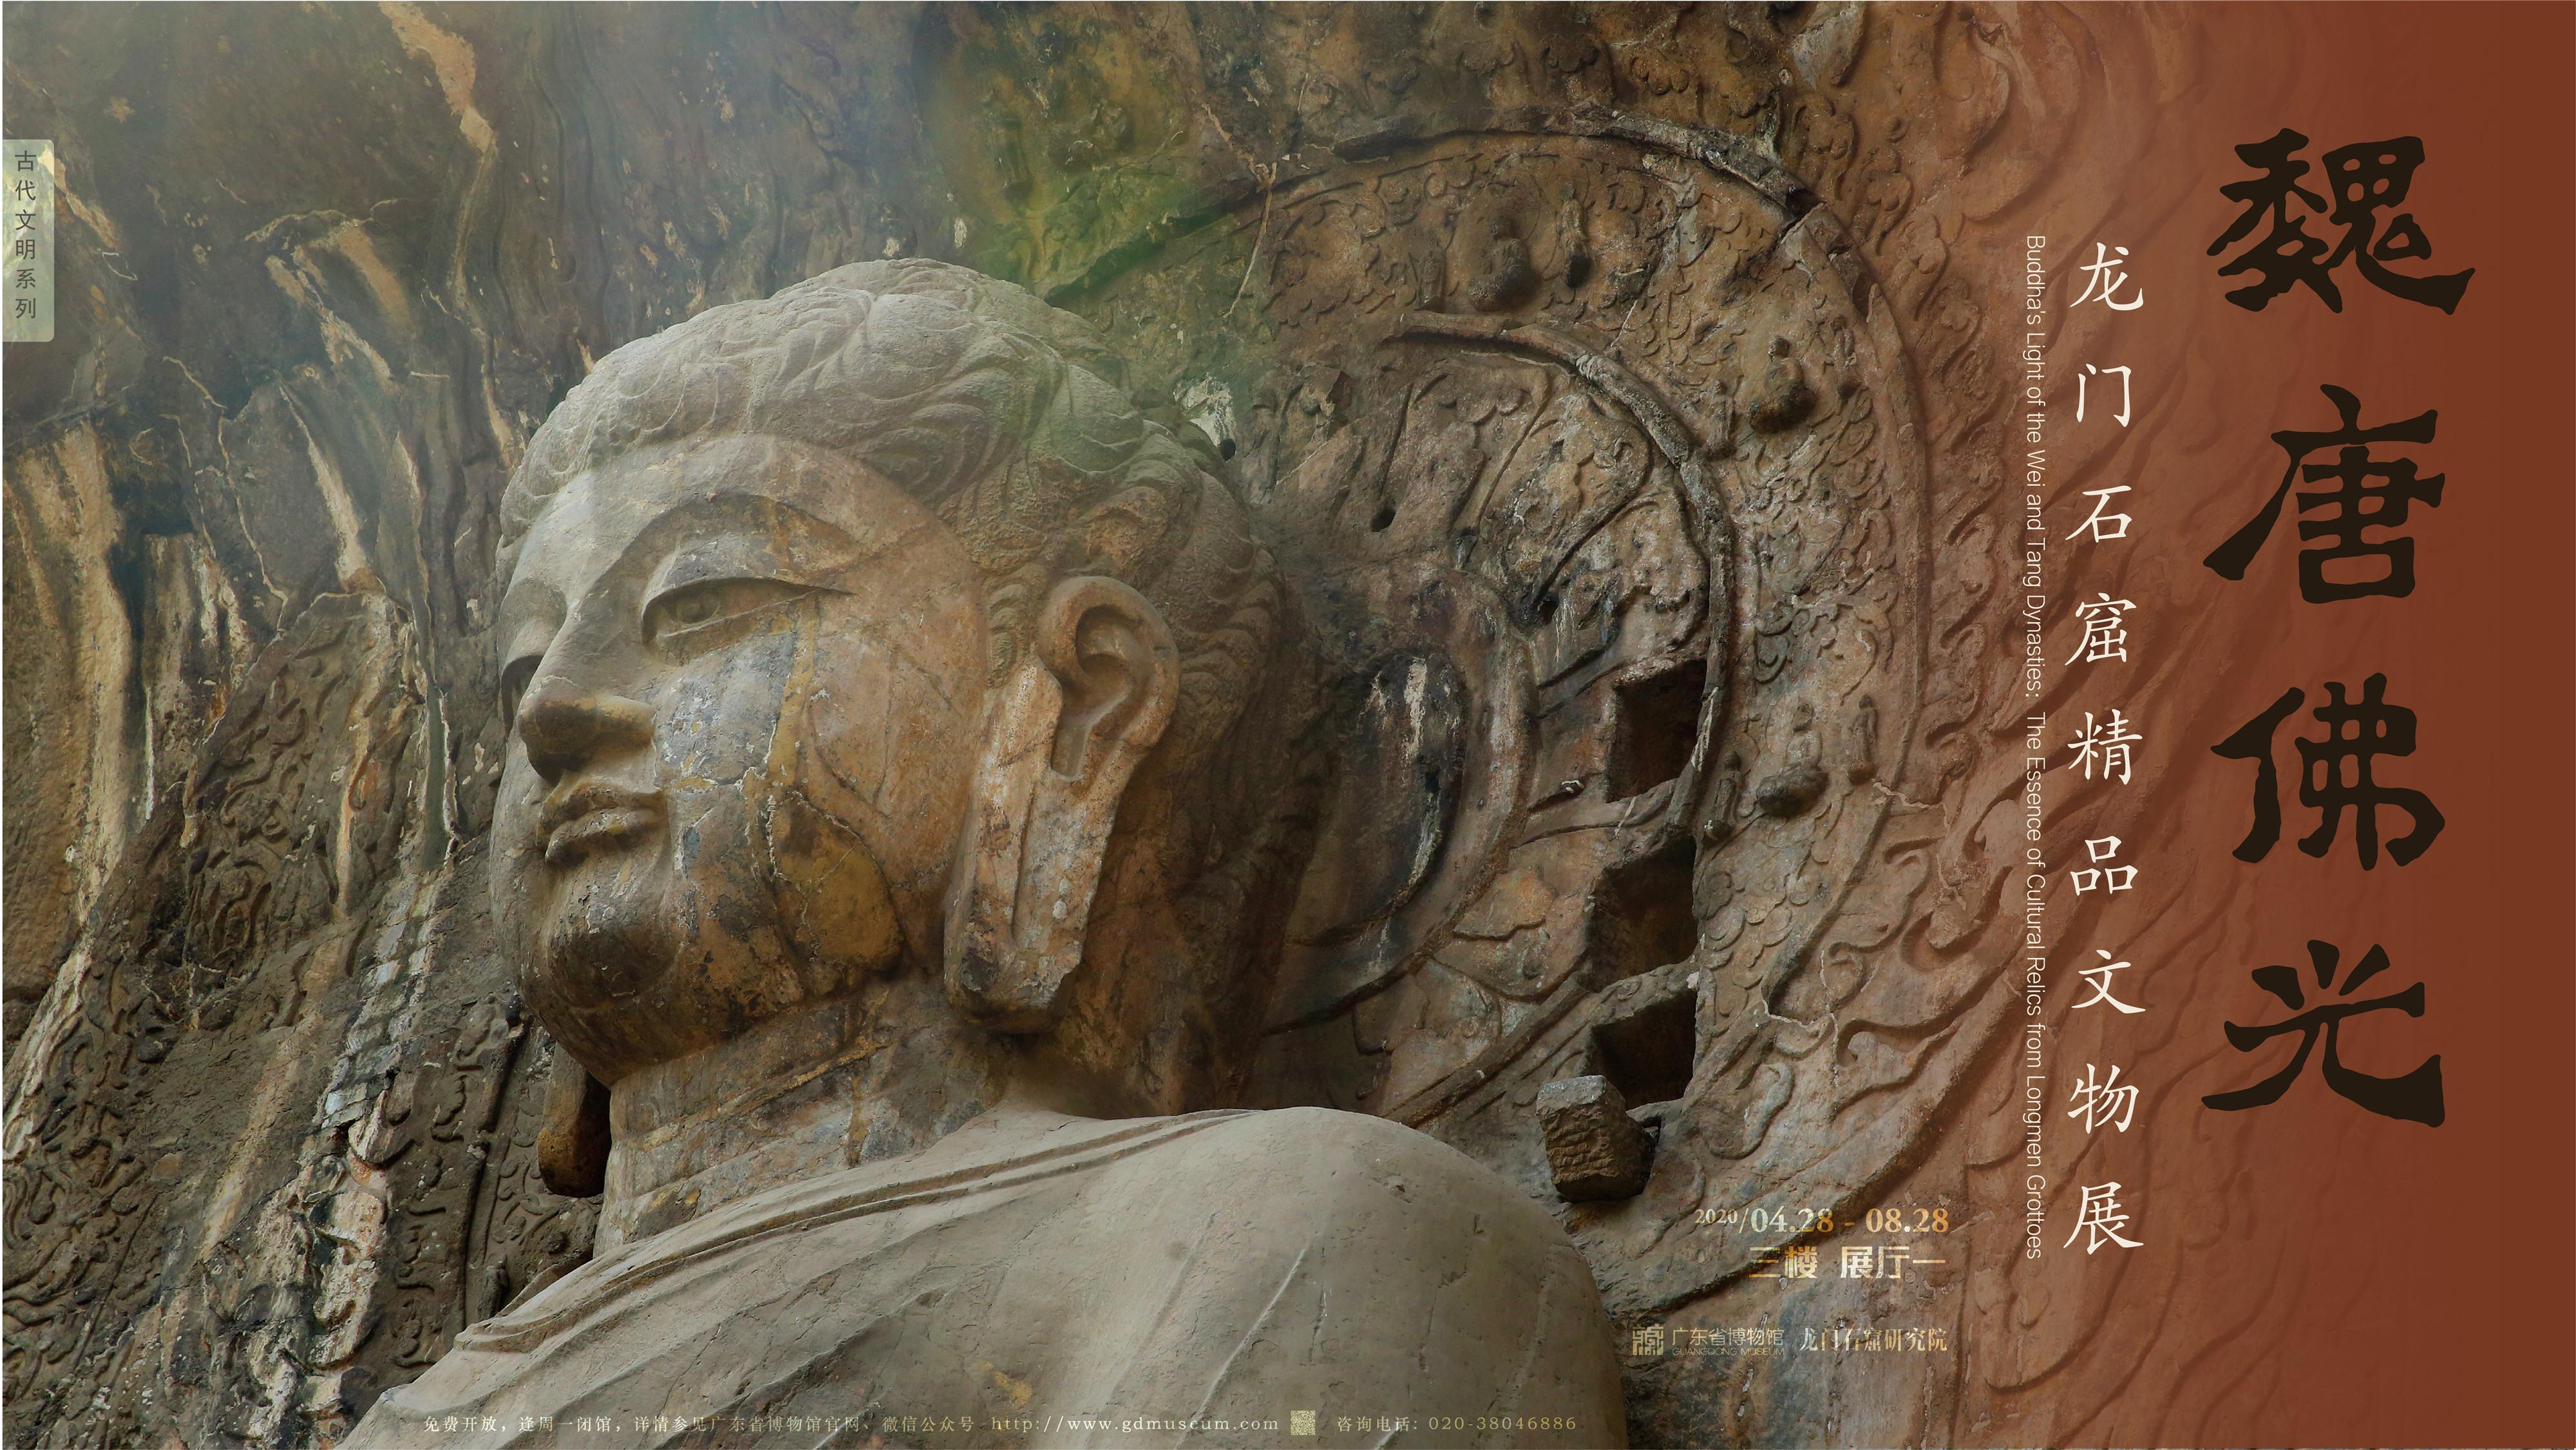 龙门石窟首次国内大规模外展开幕,8件海外回归国宝南下广州